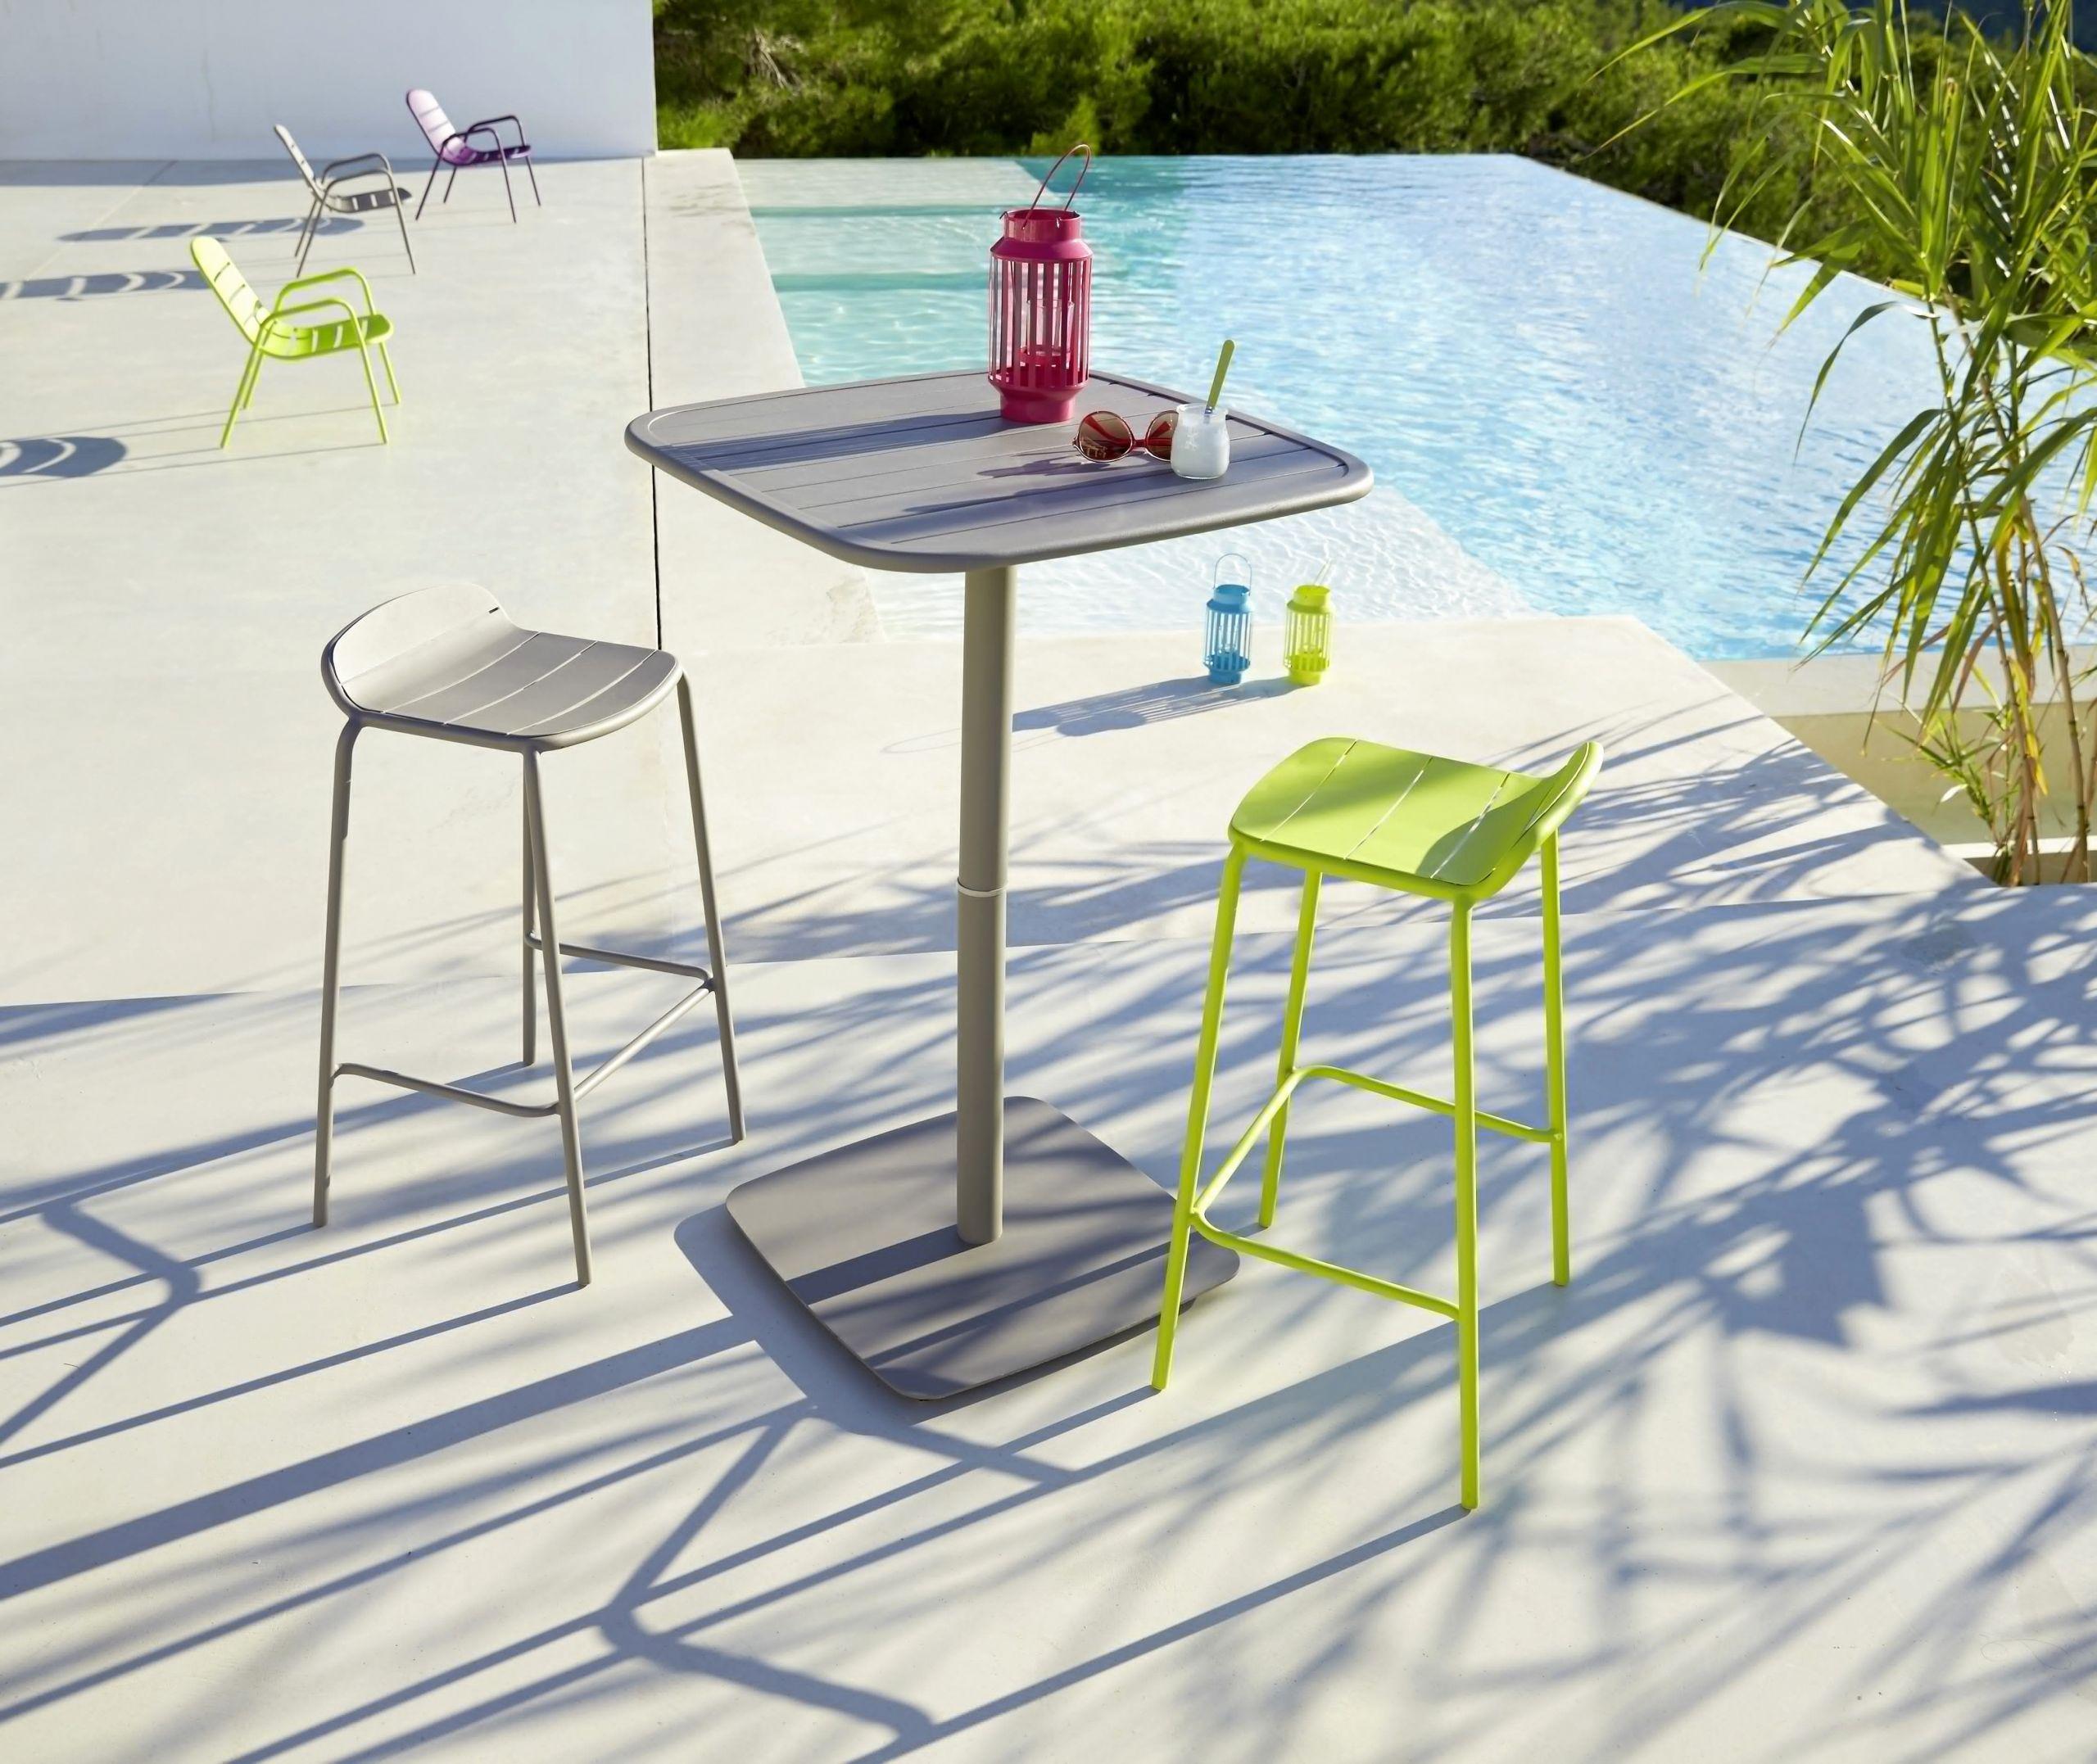 Meuble De Jardin Carrefour Unique Clic Clac Carrefour Pour ... dedans Table Et Chaise De Jardin Carrefour